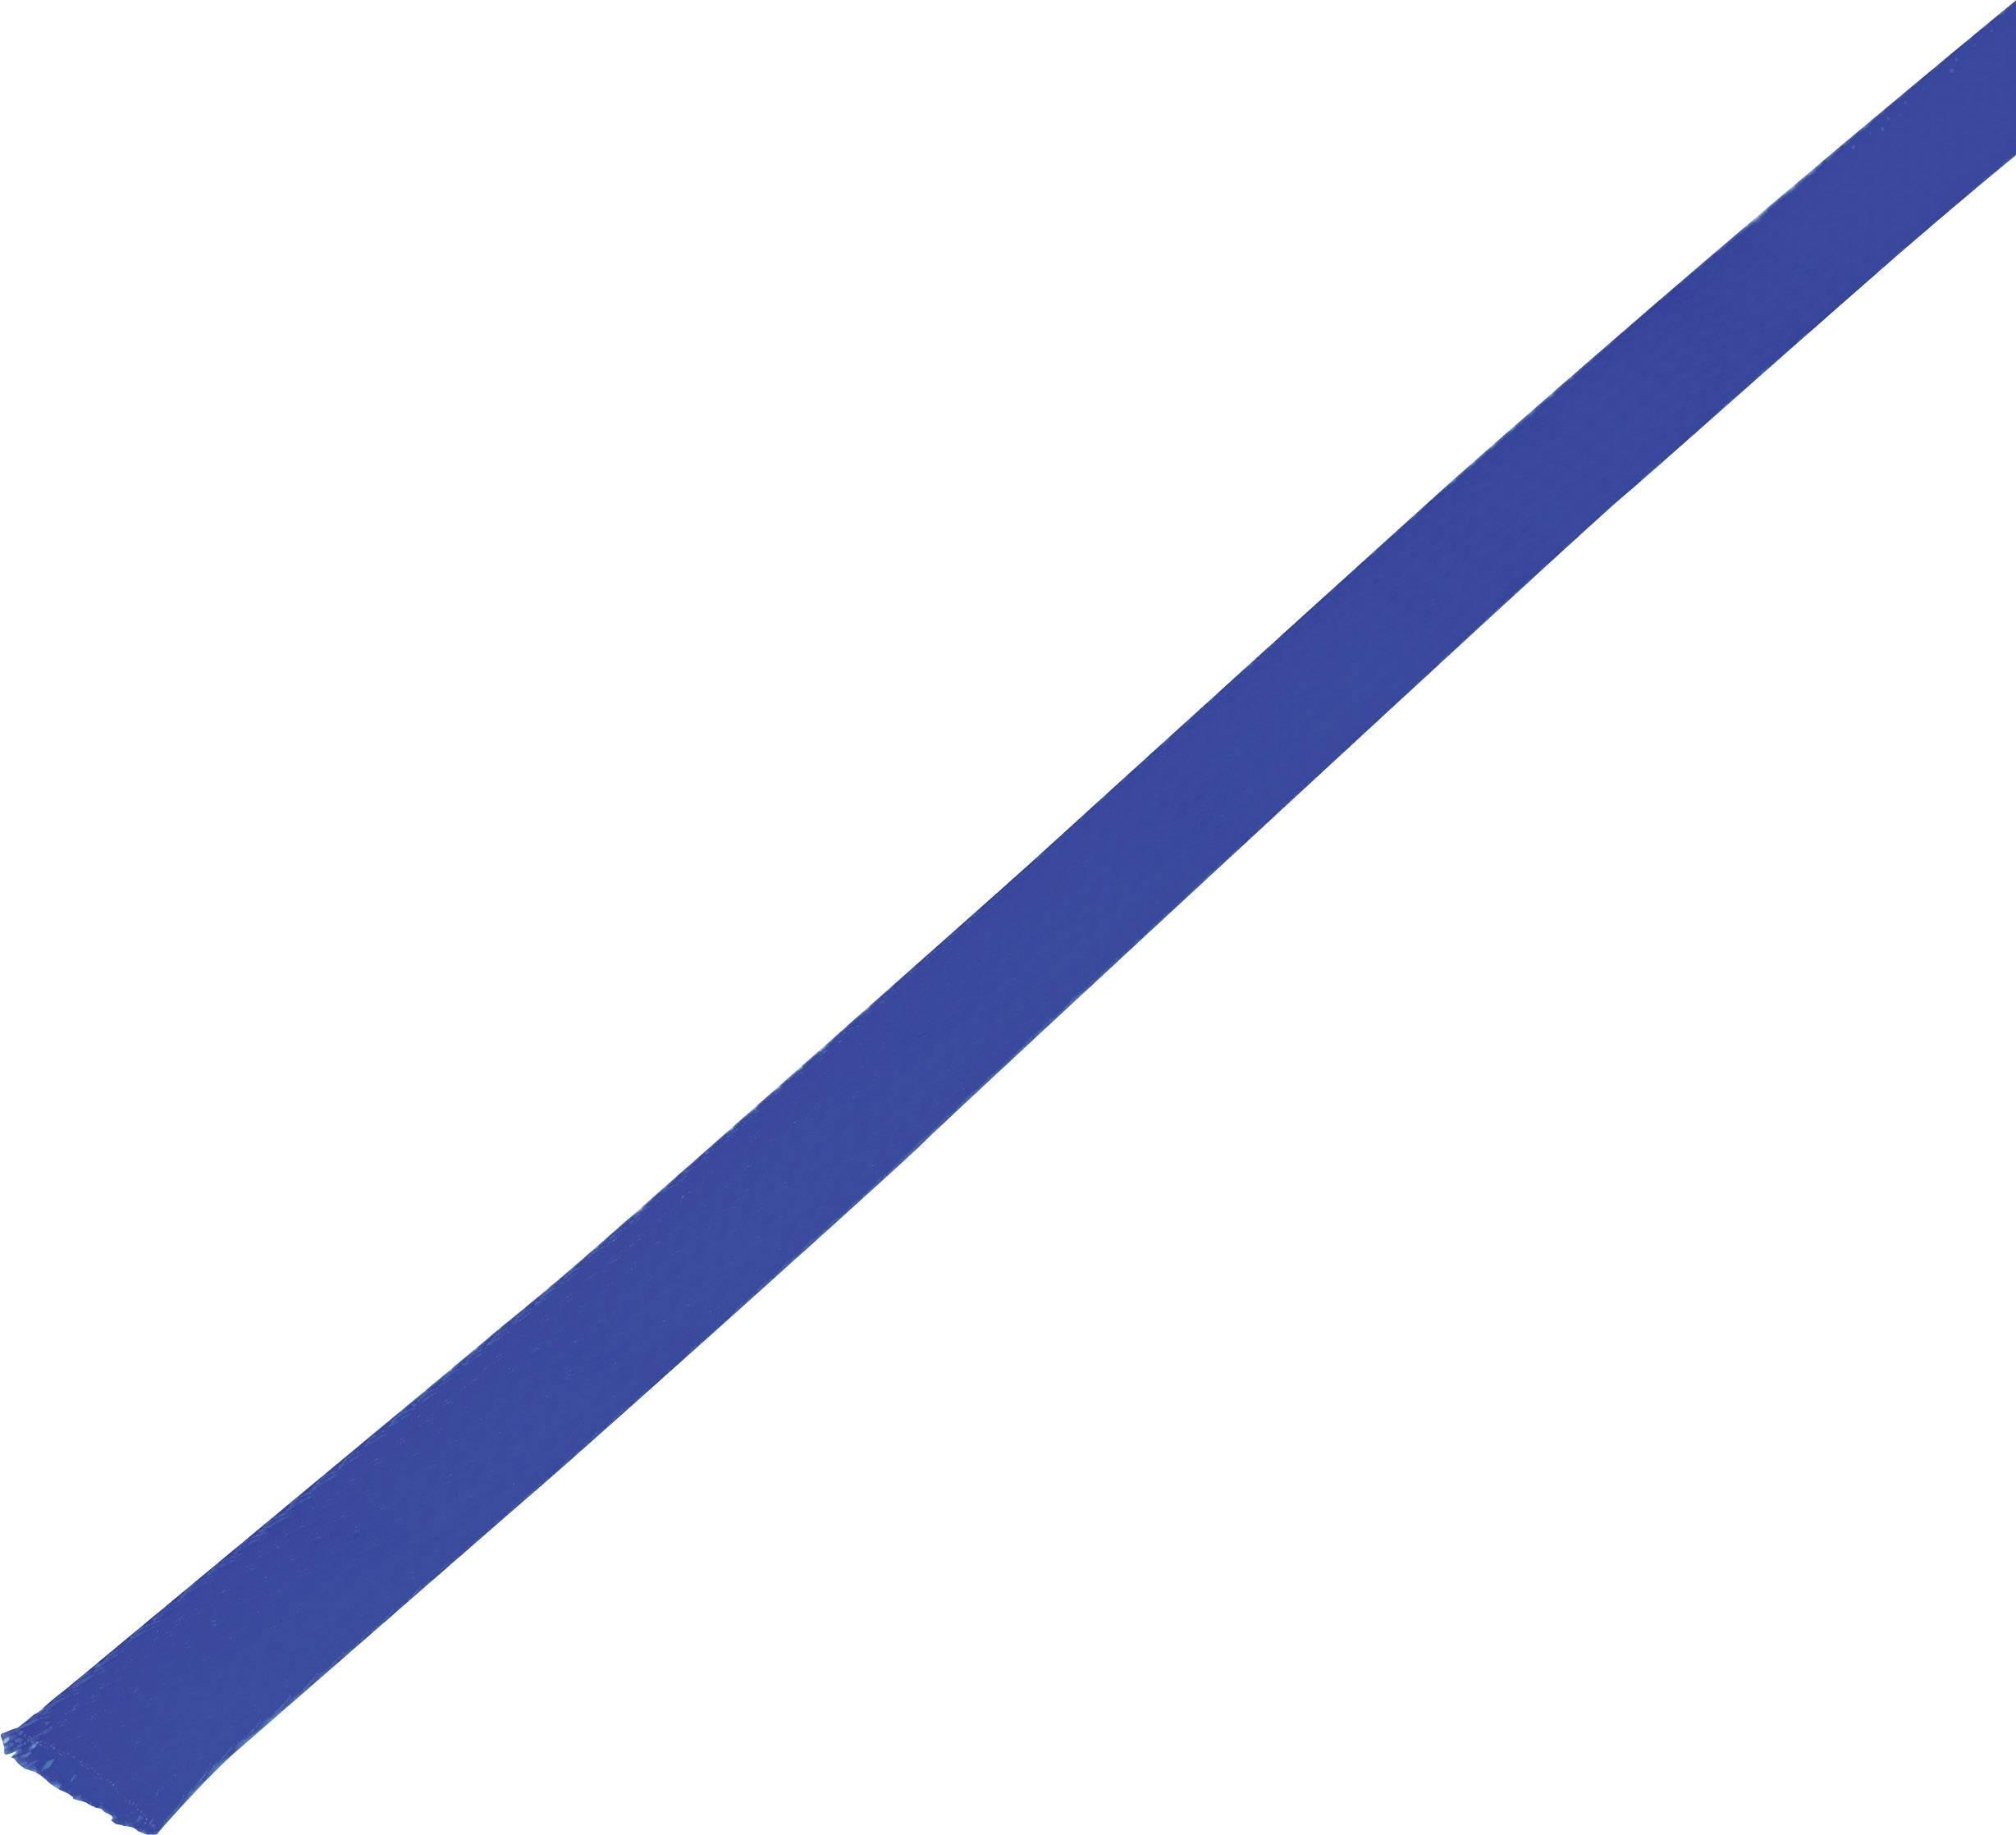 Ochranné opletenie CBBOX1527-BL Ø zväzku: 15 - 27 mm modrá 10 m